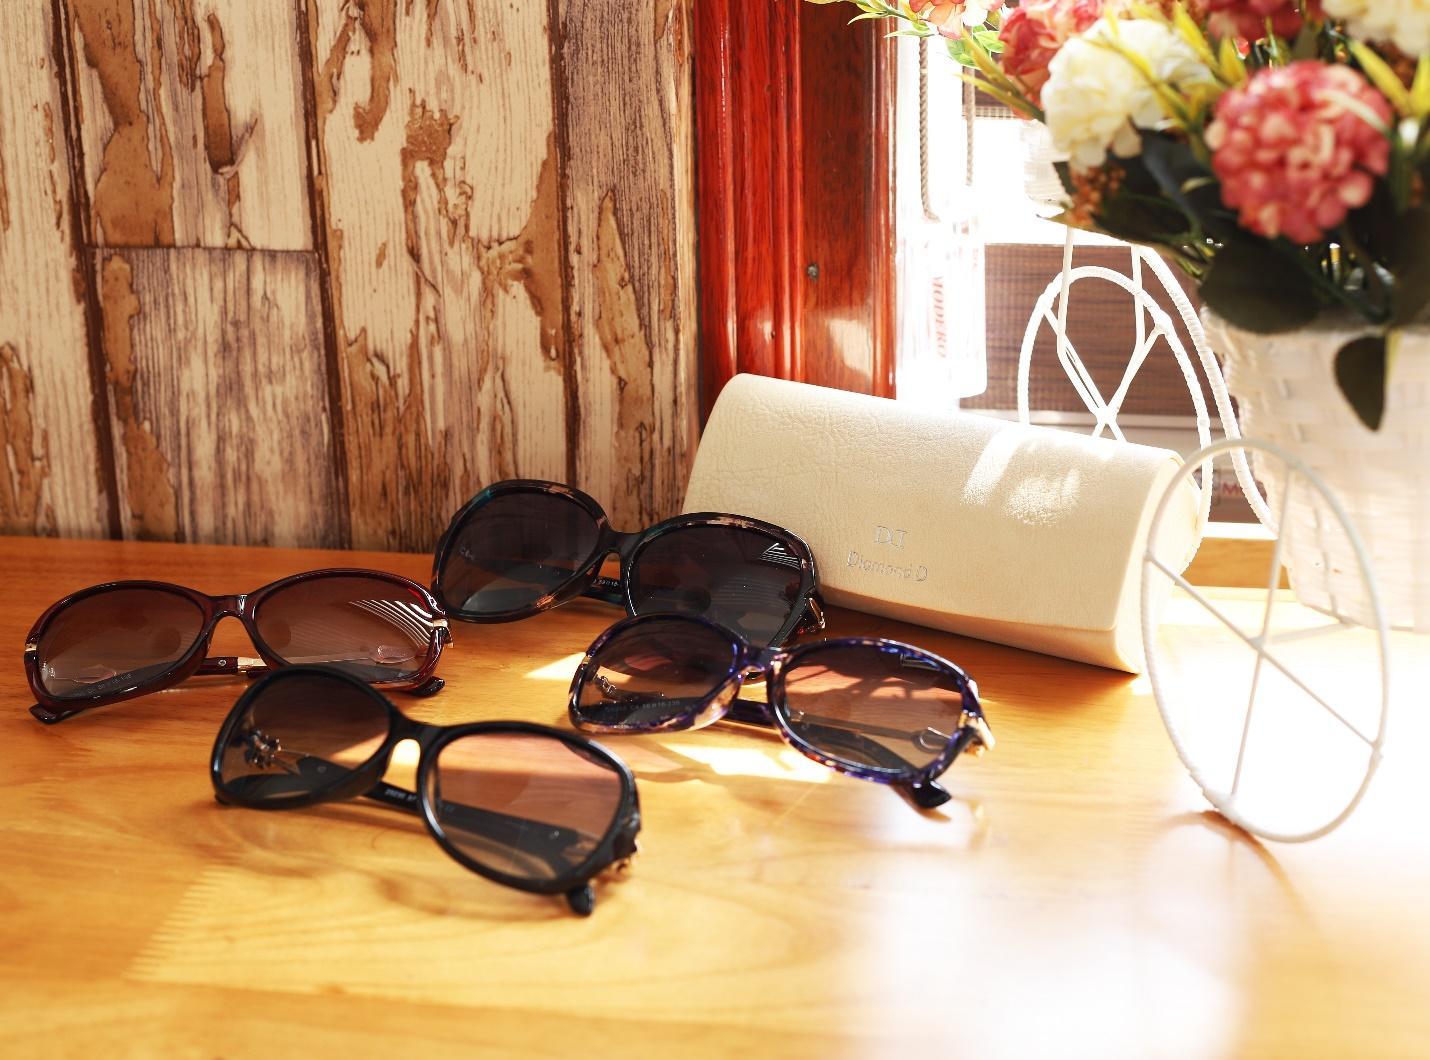 Black Friday, giảm giá đến 40% đồng hồ, kính mắt tại Đăng Quang Watch - Ảnh 1